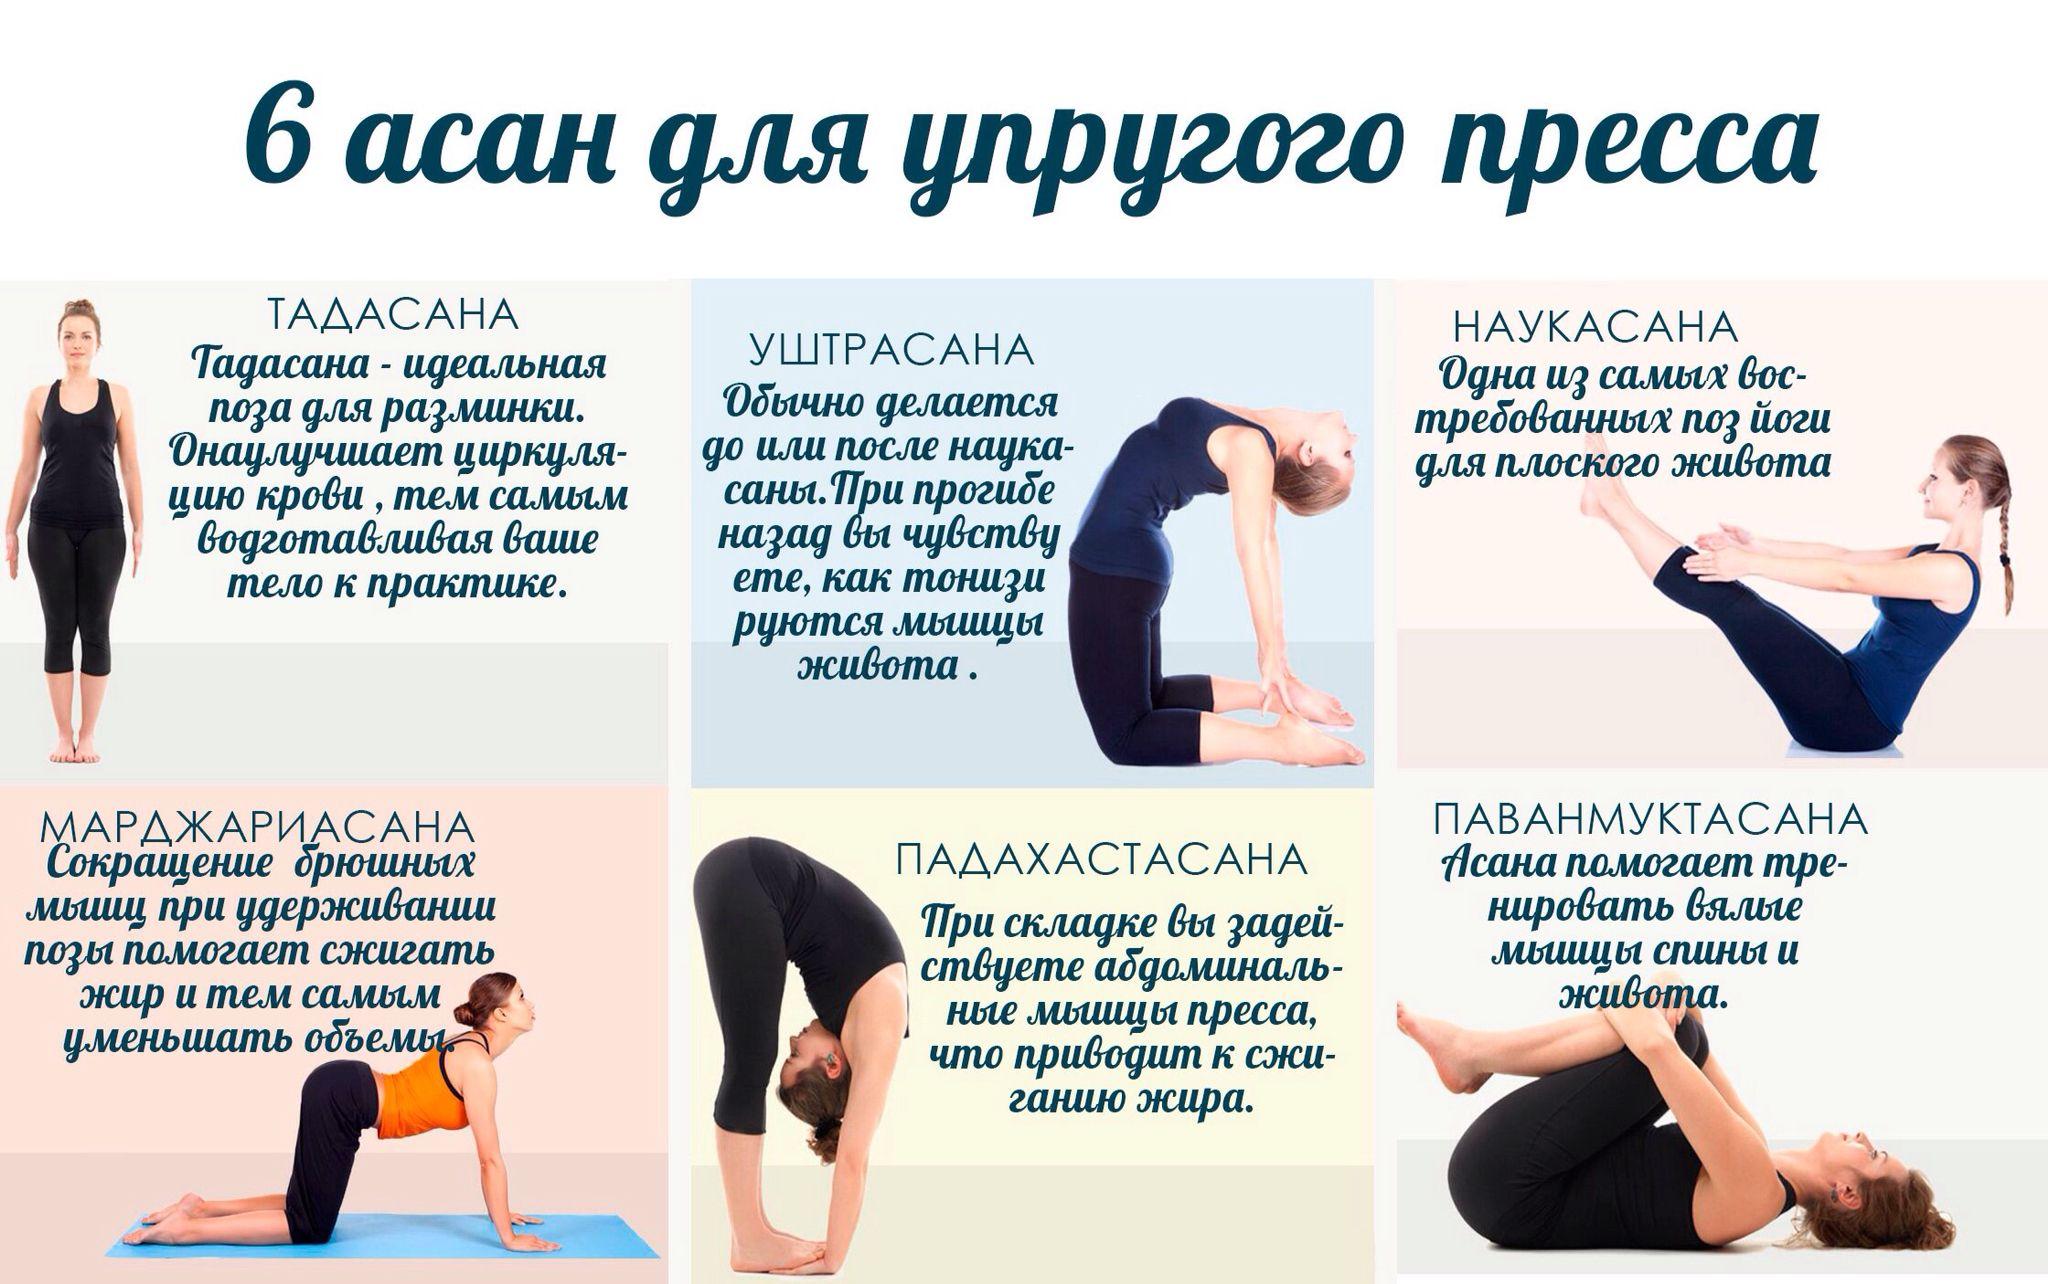 Комплексы йоги в картинках с описанием